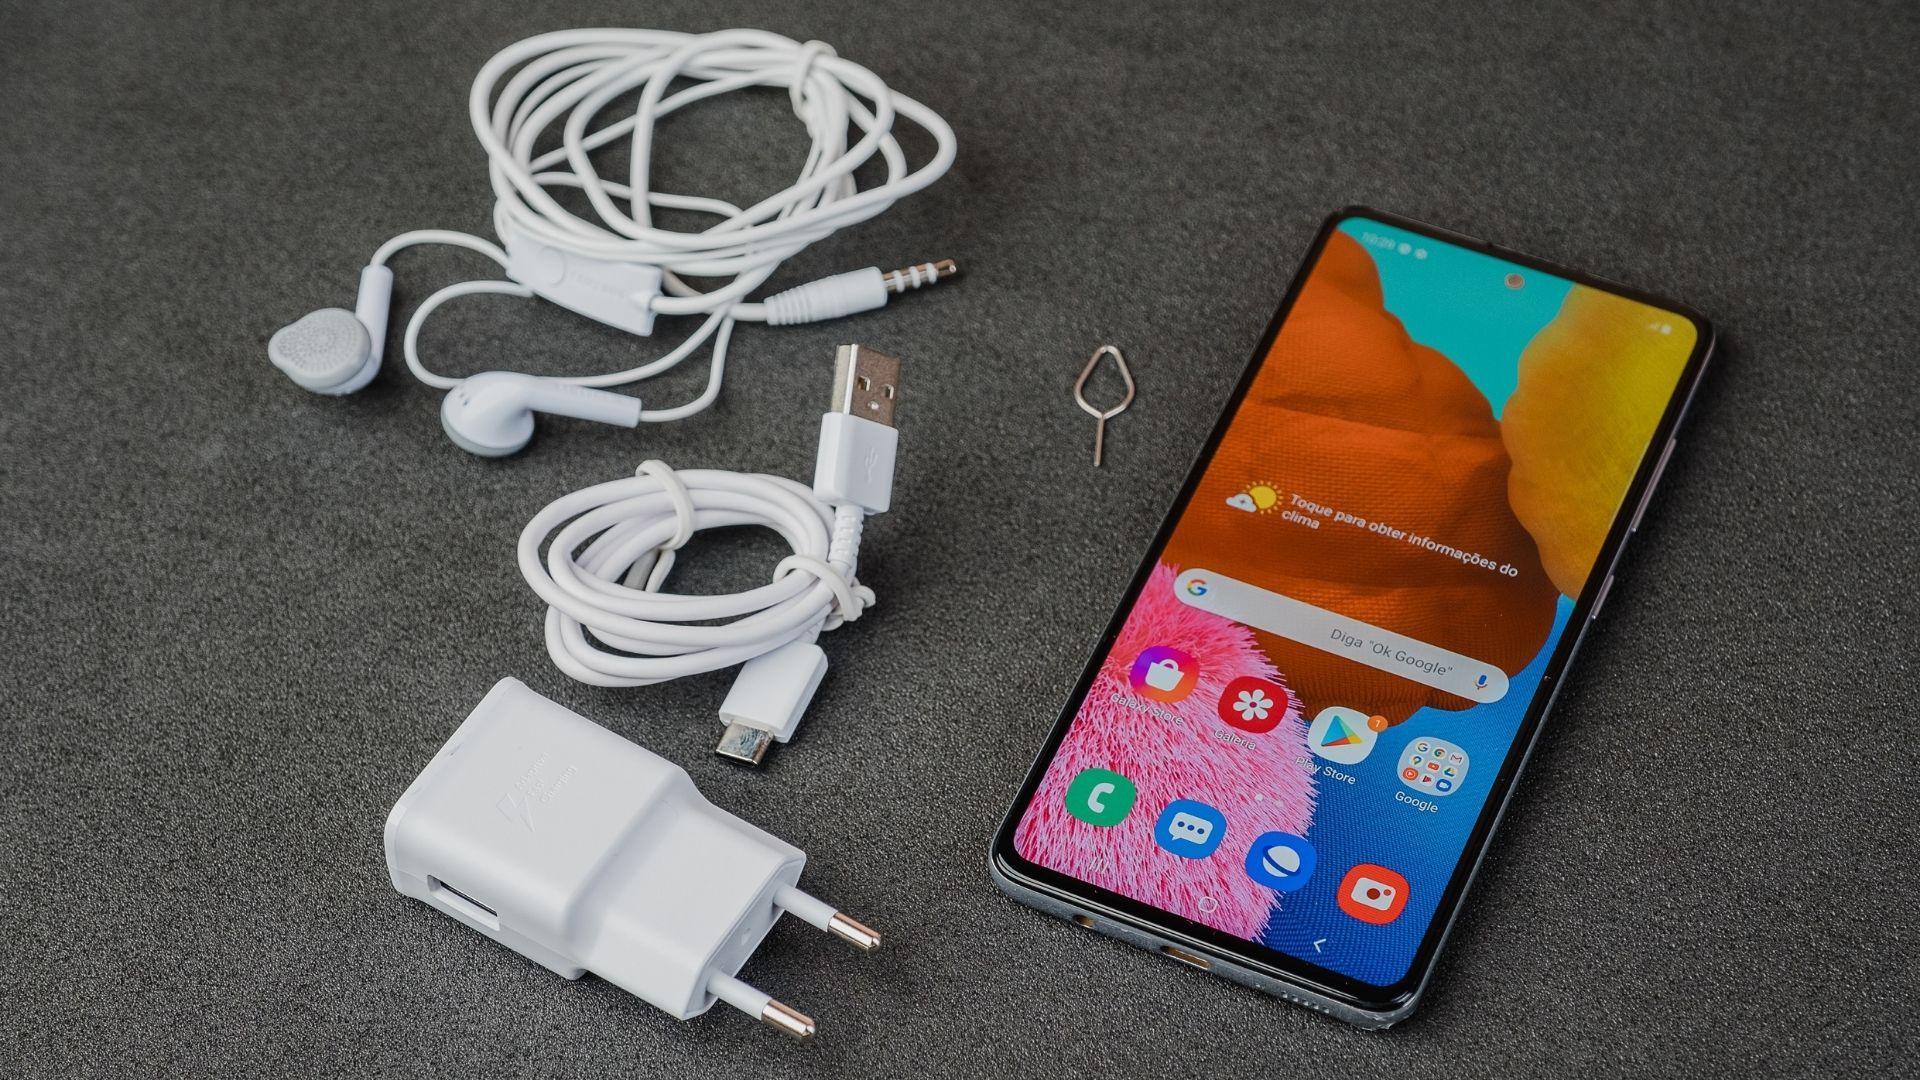 Samsung A51 com a tela acesa ao lado de seus acessórios: fone de ouvido, cabo USB, adaptador de tomada e chave para bandeja do chip